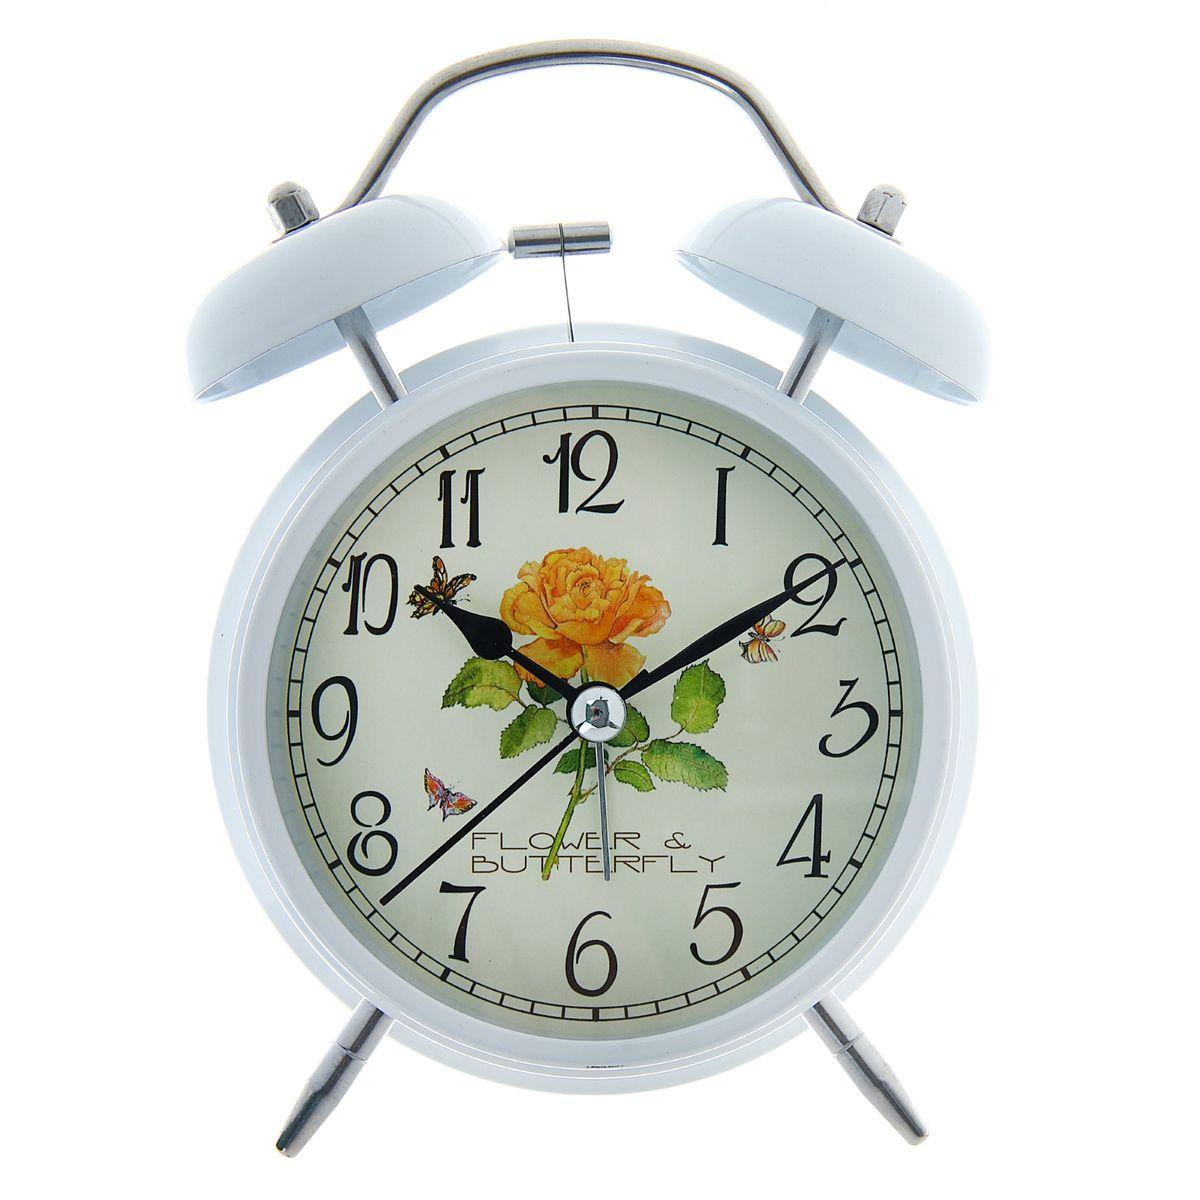 Часы-будильник Sima-land Flower & Butterfly556717Как же сложно иногда вставать вовремя! Всегда так хочется поспать еще хотя бы 5 минут и бывает, что мы просыпаем. Теперь этого не случится! Яркий, оригинальный будильник Sima-land Flower & Butterfly поможет вам всегда вставать в нужное время и успевать везде и всюду. Корпус будильника выполнен из металла. Циферблат оформлен изображением цветов и бабочек. Часы снабжены 4 стрелками (секундная, минутная, часовая и для будильника). На задней панели будильника расположен переключатель включения/выключения механизма, а также два колесика для настройки текущего времени и времени звонка будильника. Изделие снабжено подсветкой, которая включается нажатием на кнопку с задней стороны корпуса. Пользоваться будильником очень легко: нужно всего лишь поставить батарейку, настроить точное время и установить время звонка.Необходимо докупить 1 батарейку типа АА (не входит в комплект).